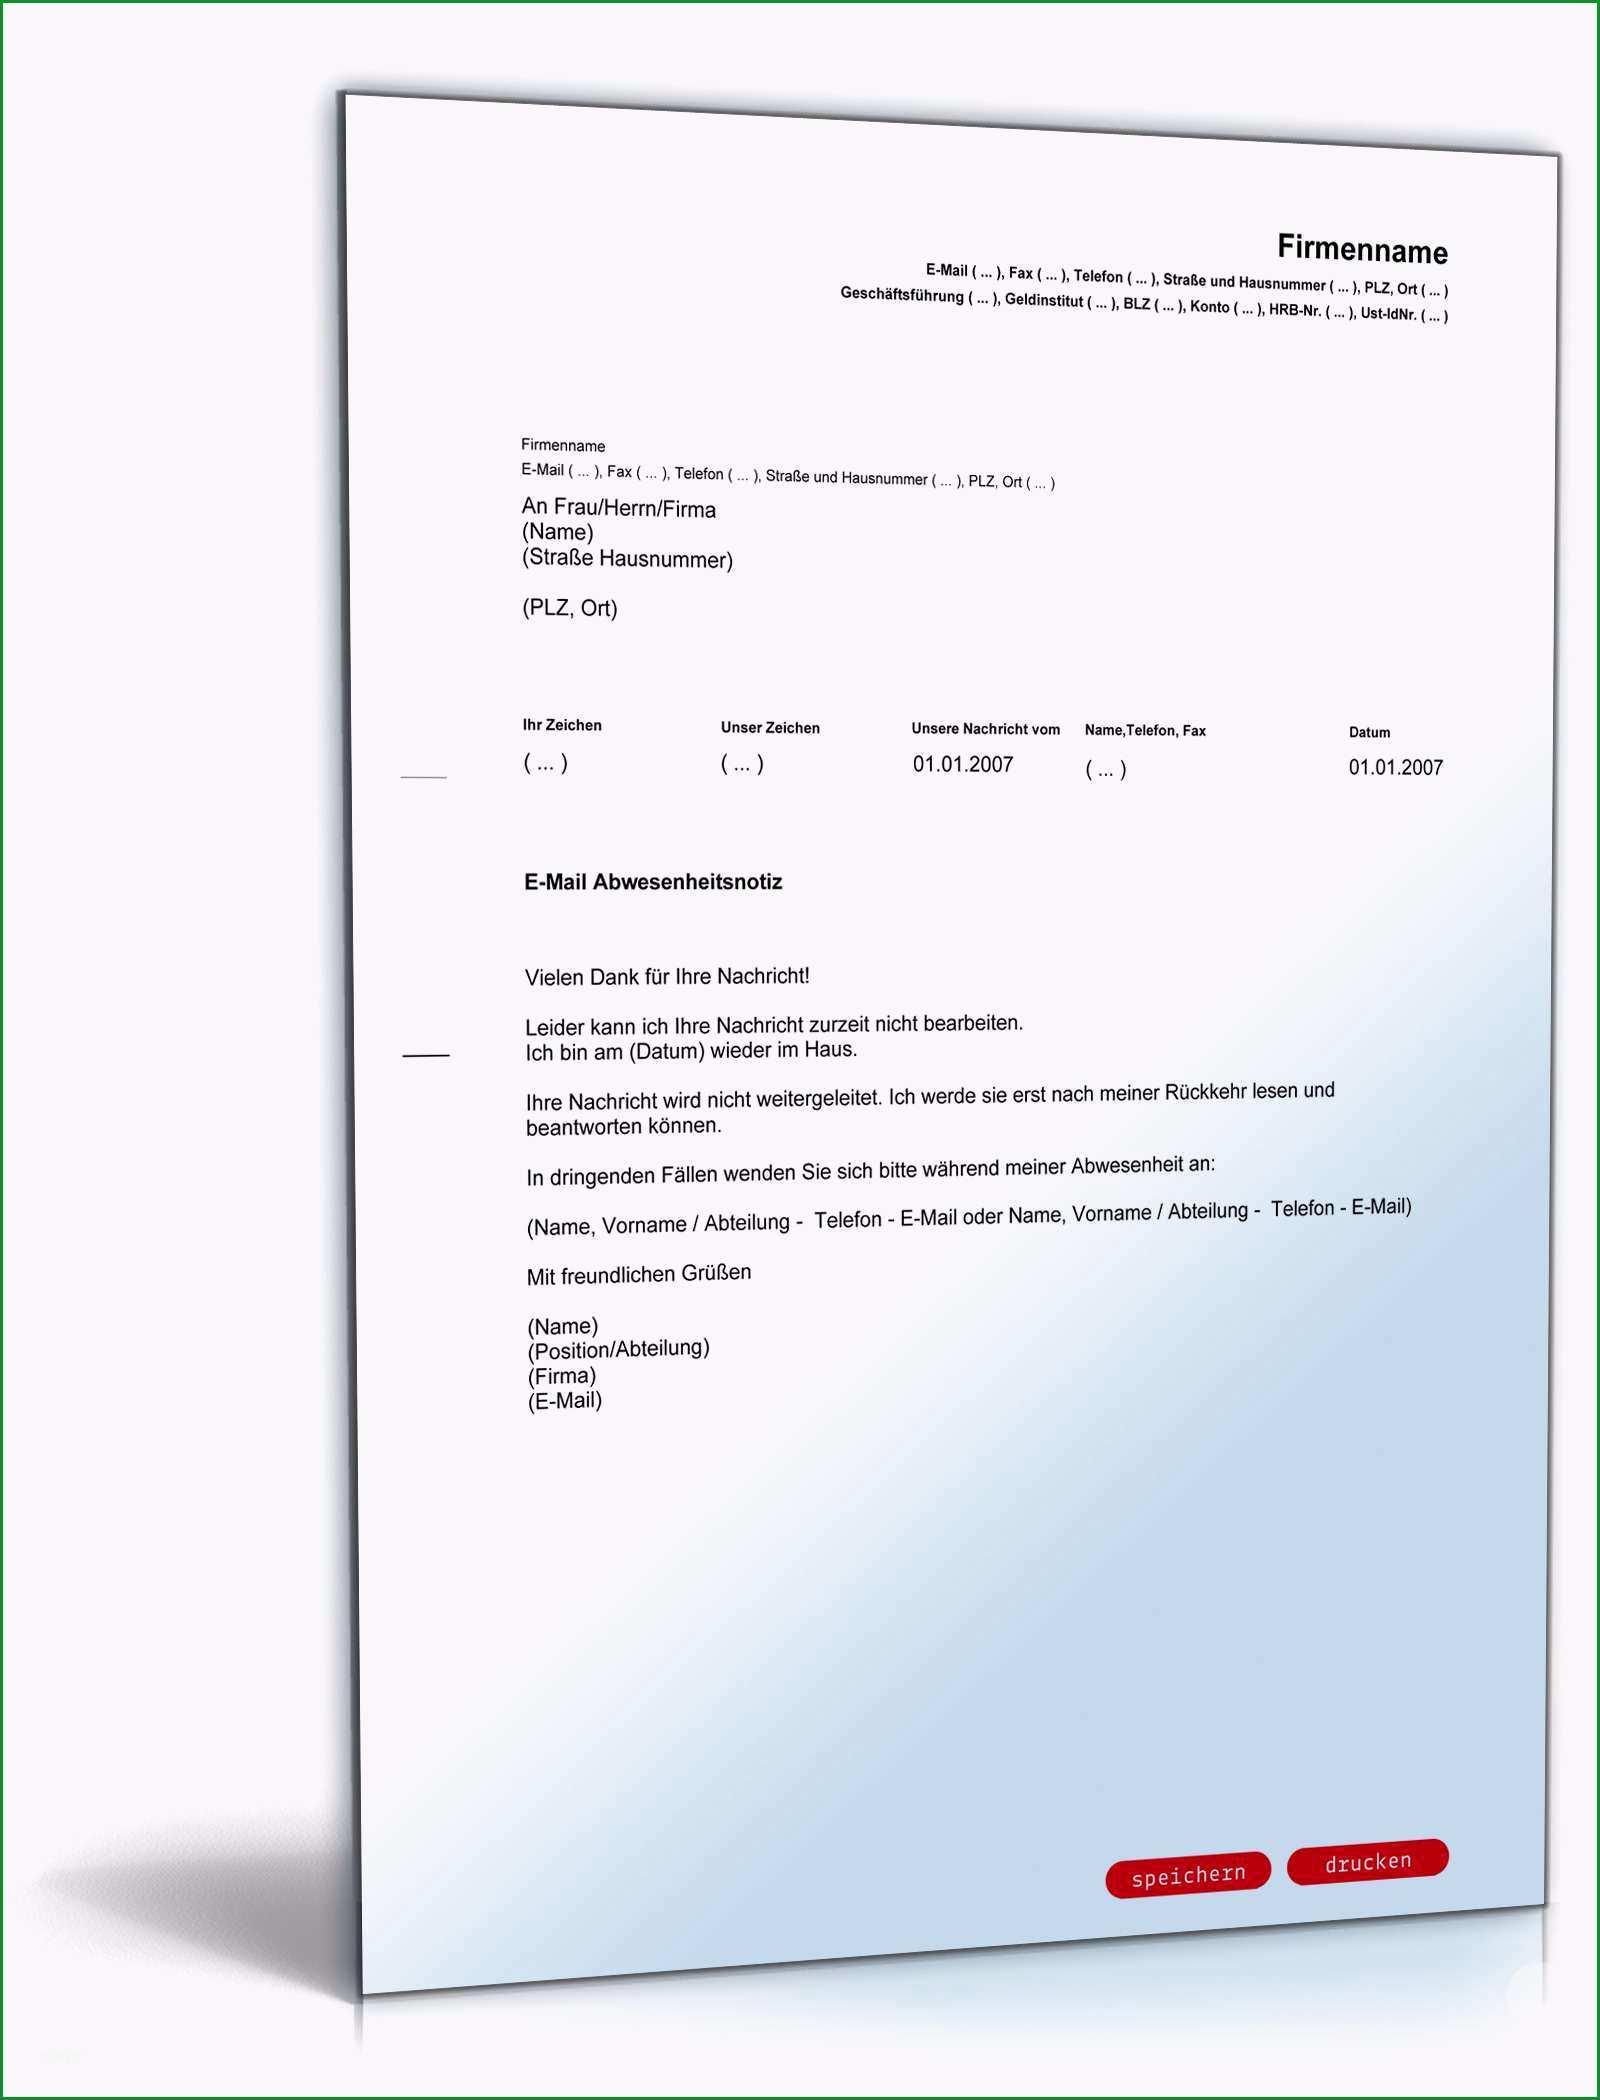 abwesenheitsnotiz email englisch deutsch